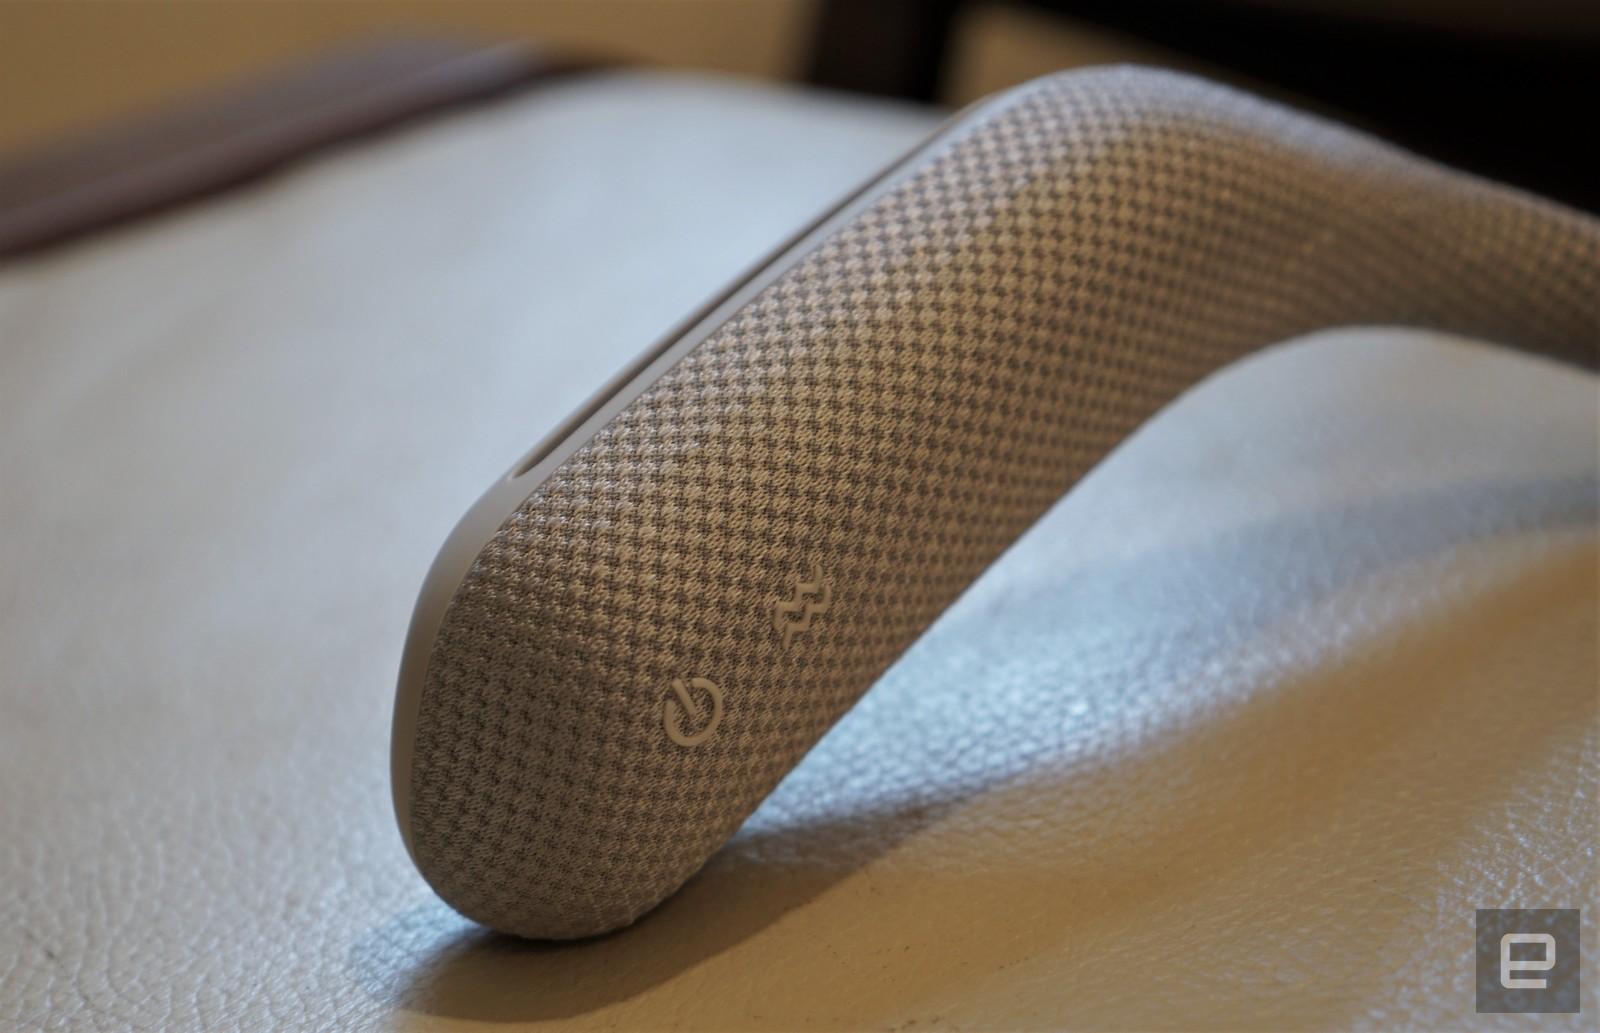 Sony Immersive Wearable Speaker